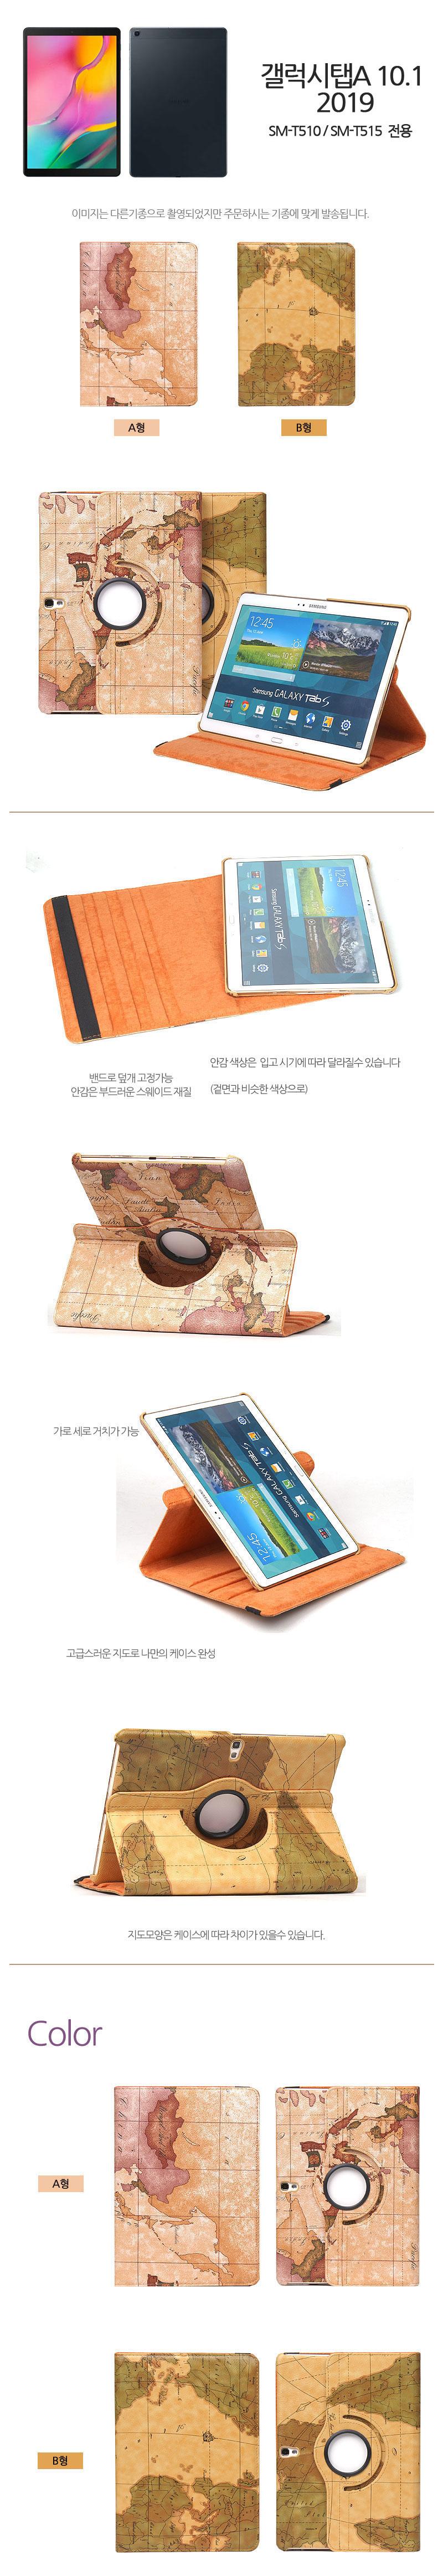 갤럭시탭A 10.1 2019)지도회전케이스 - AZV, 15,000원, 케이스, 기타 갤럭시 제품